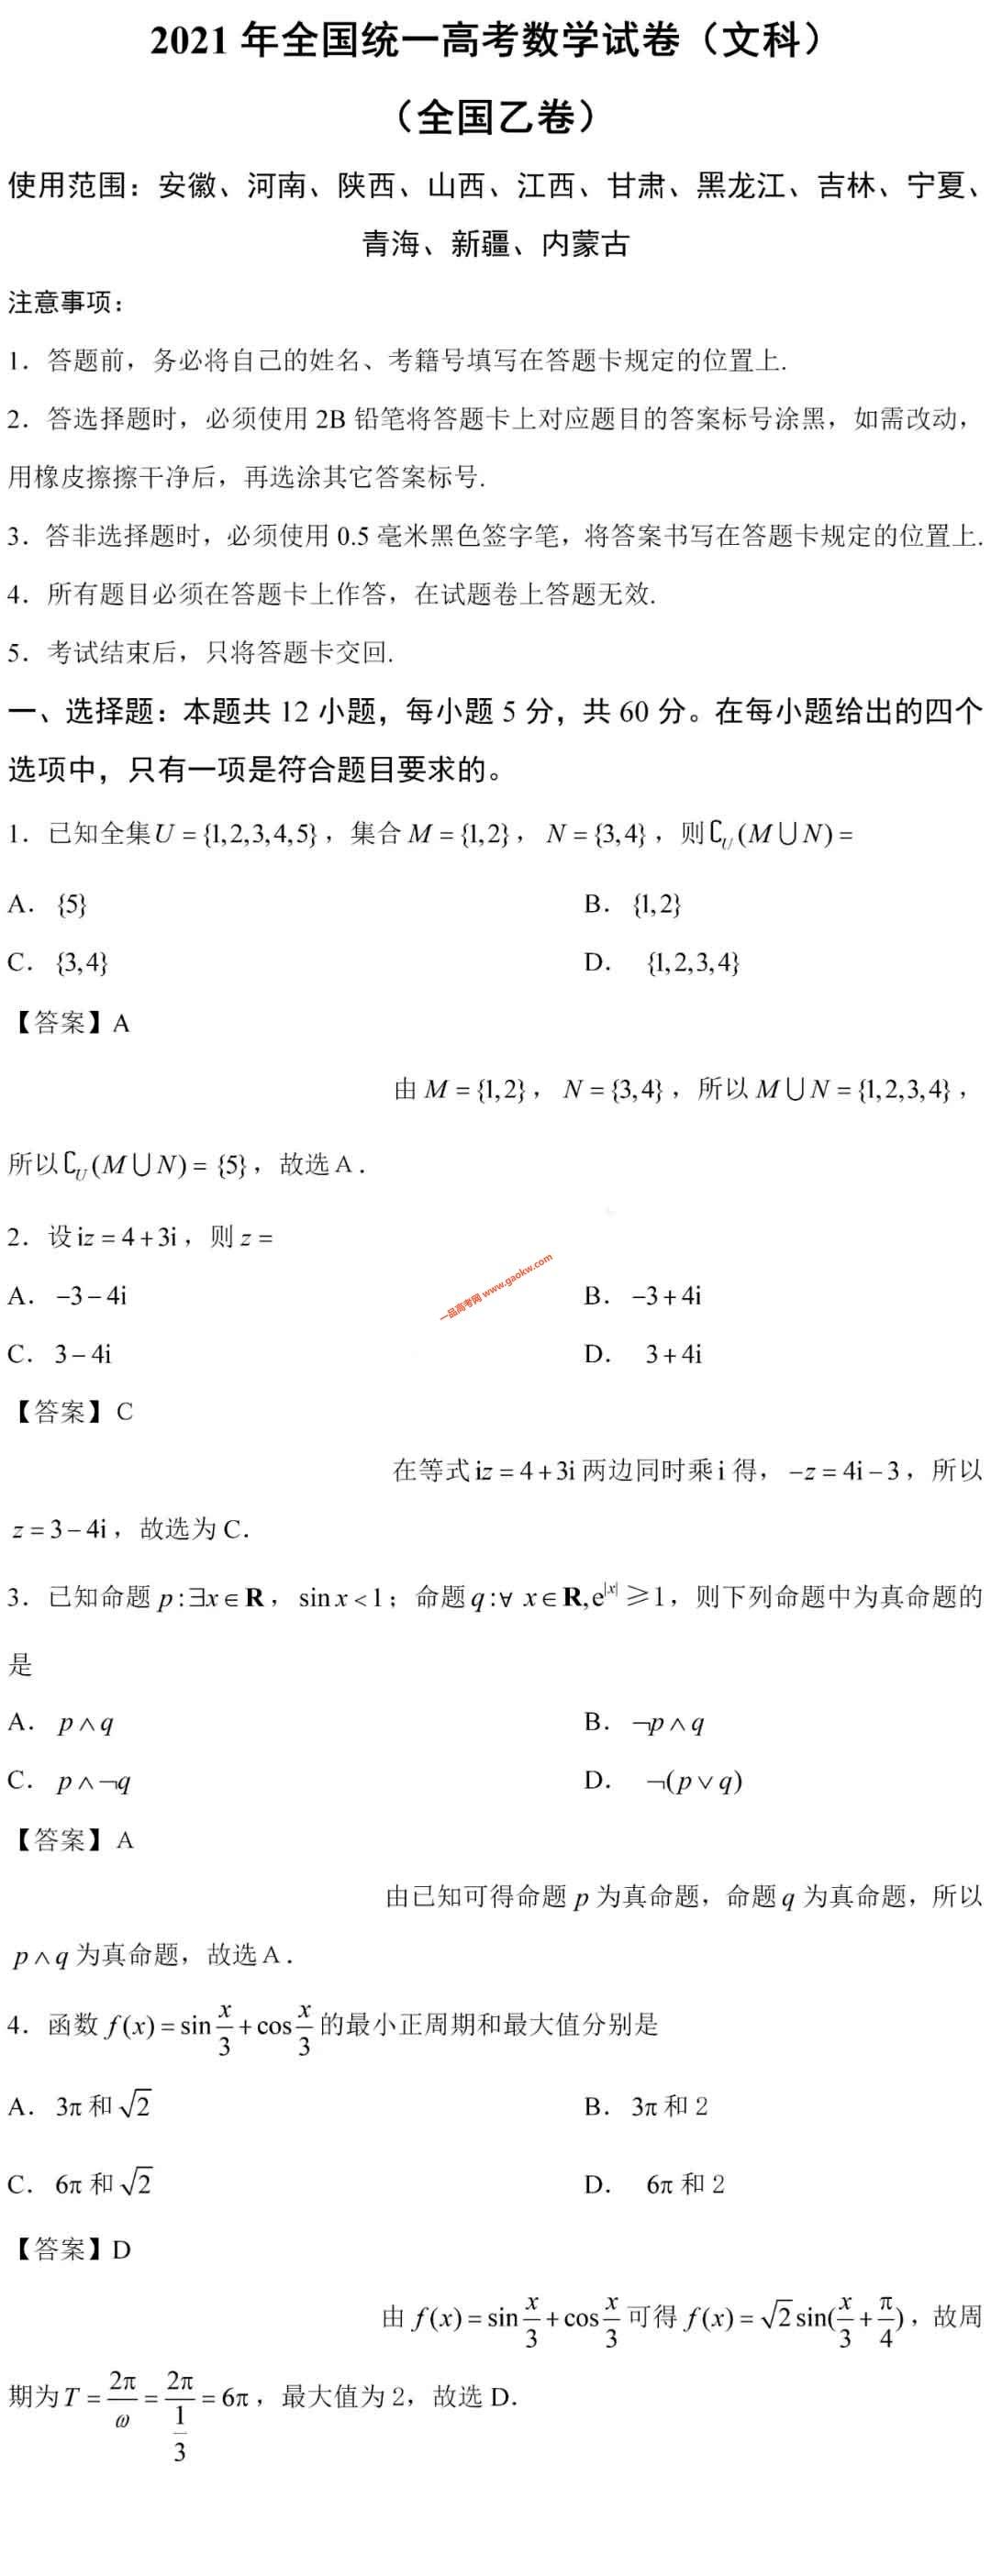 2021高考全国乙卷数学试题及答案(文科)